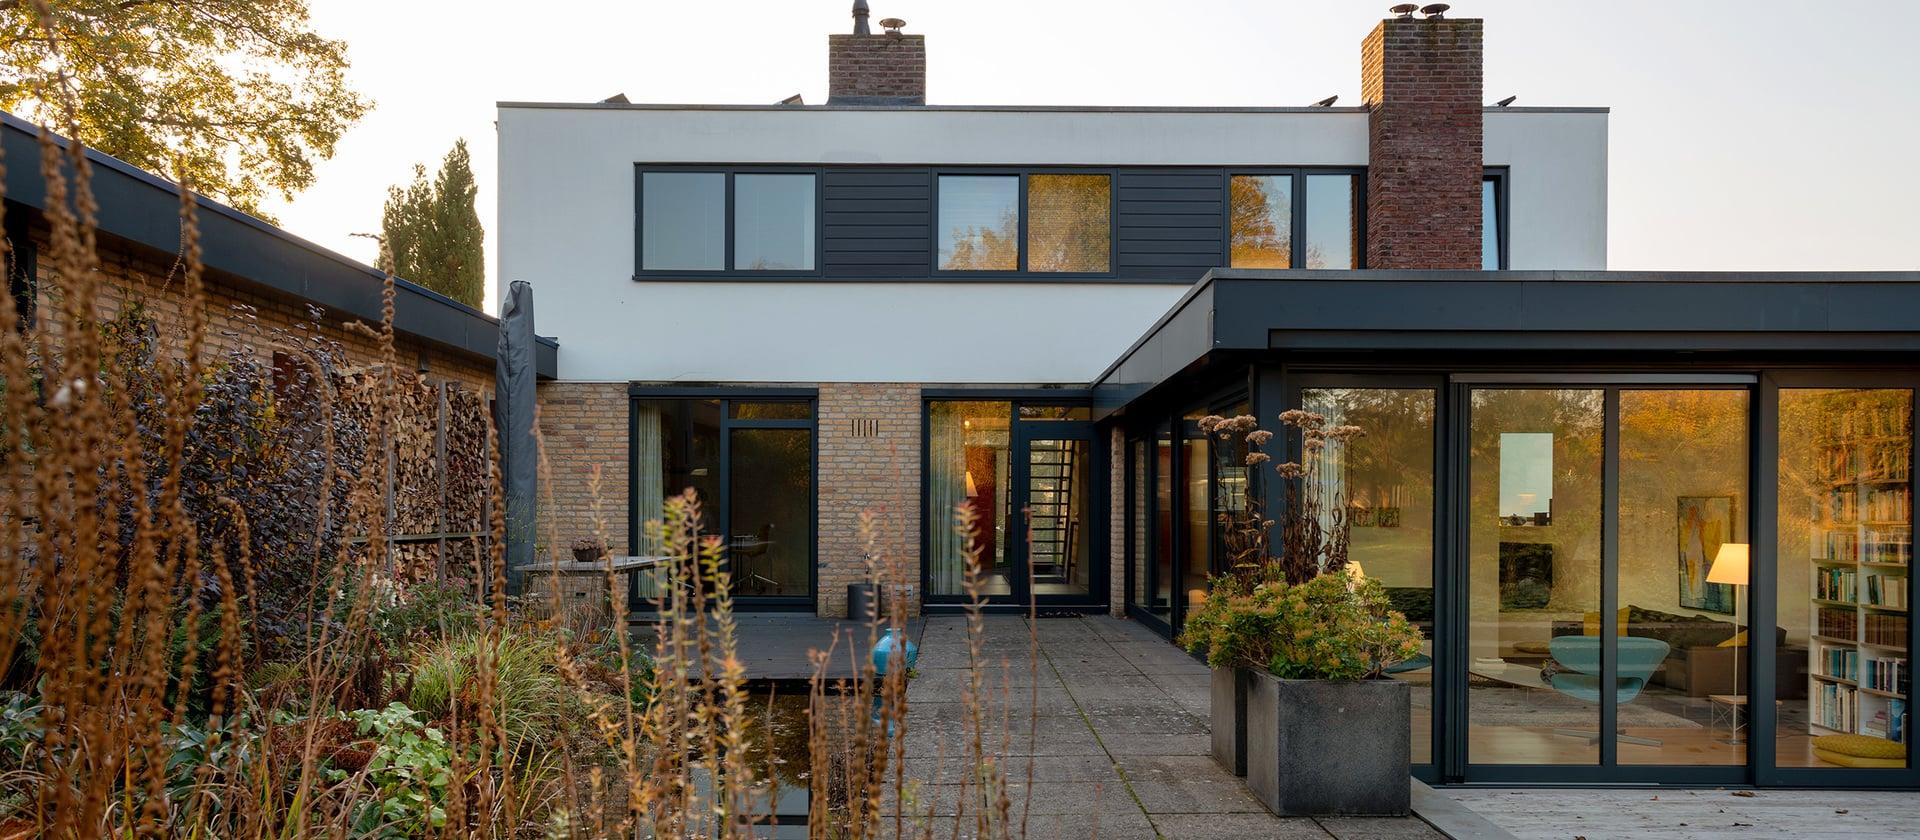 Eengezinswoning in Gelderland